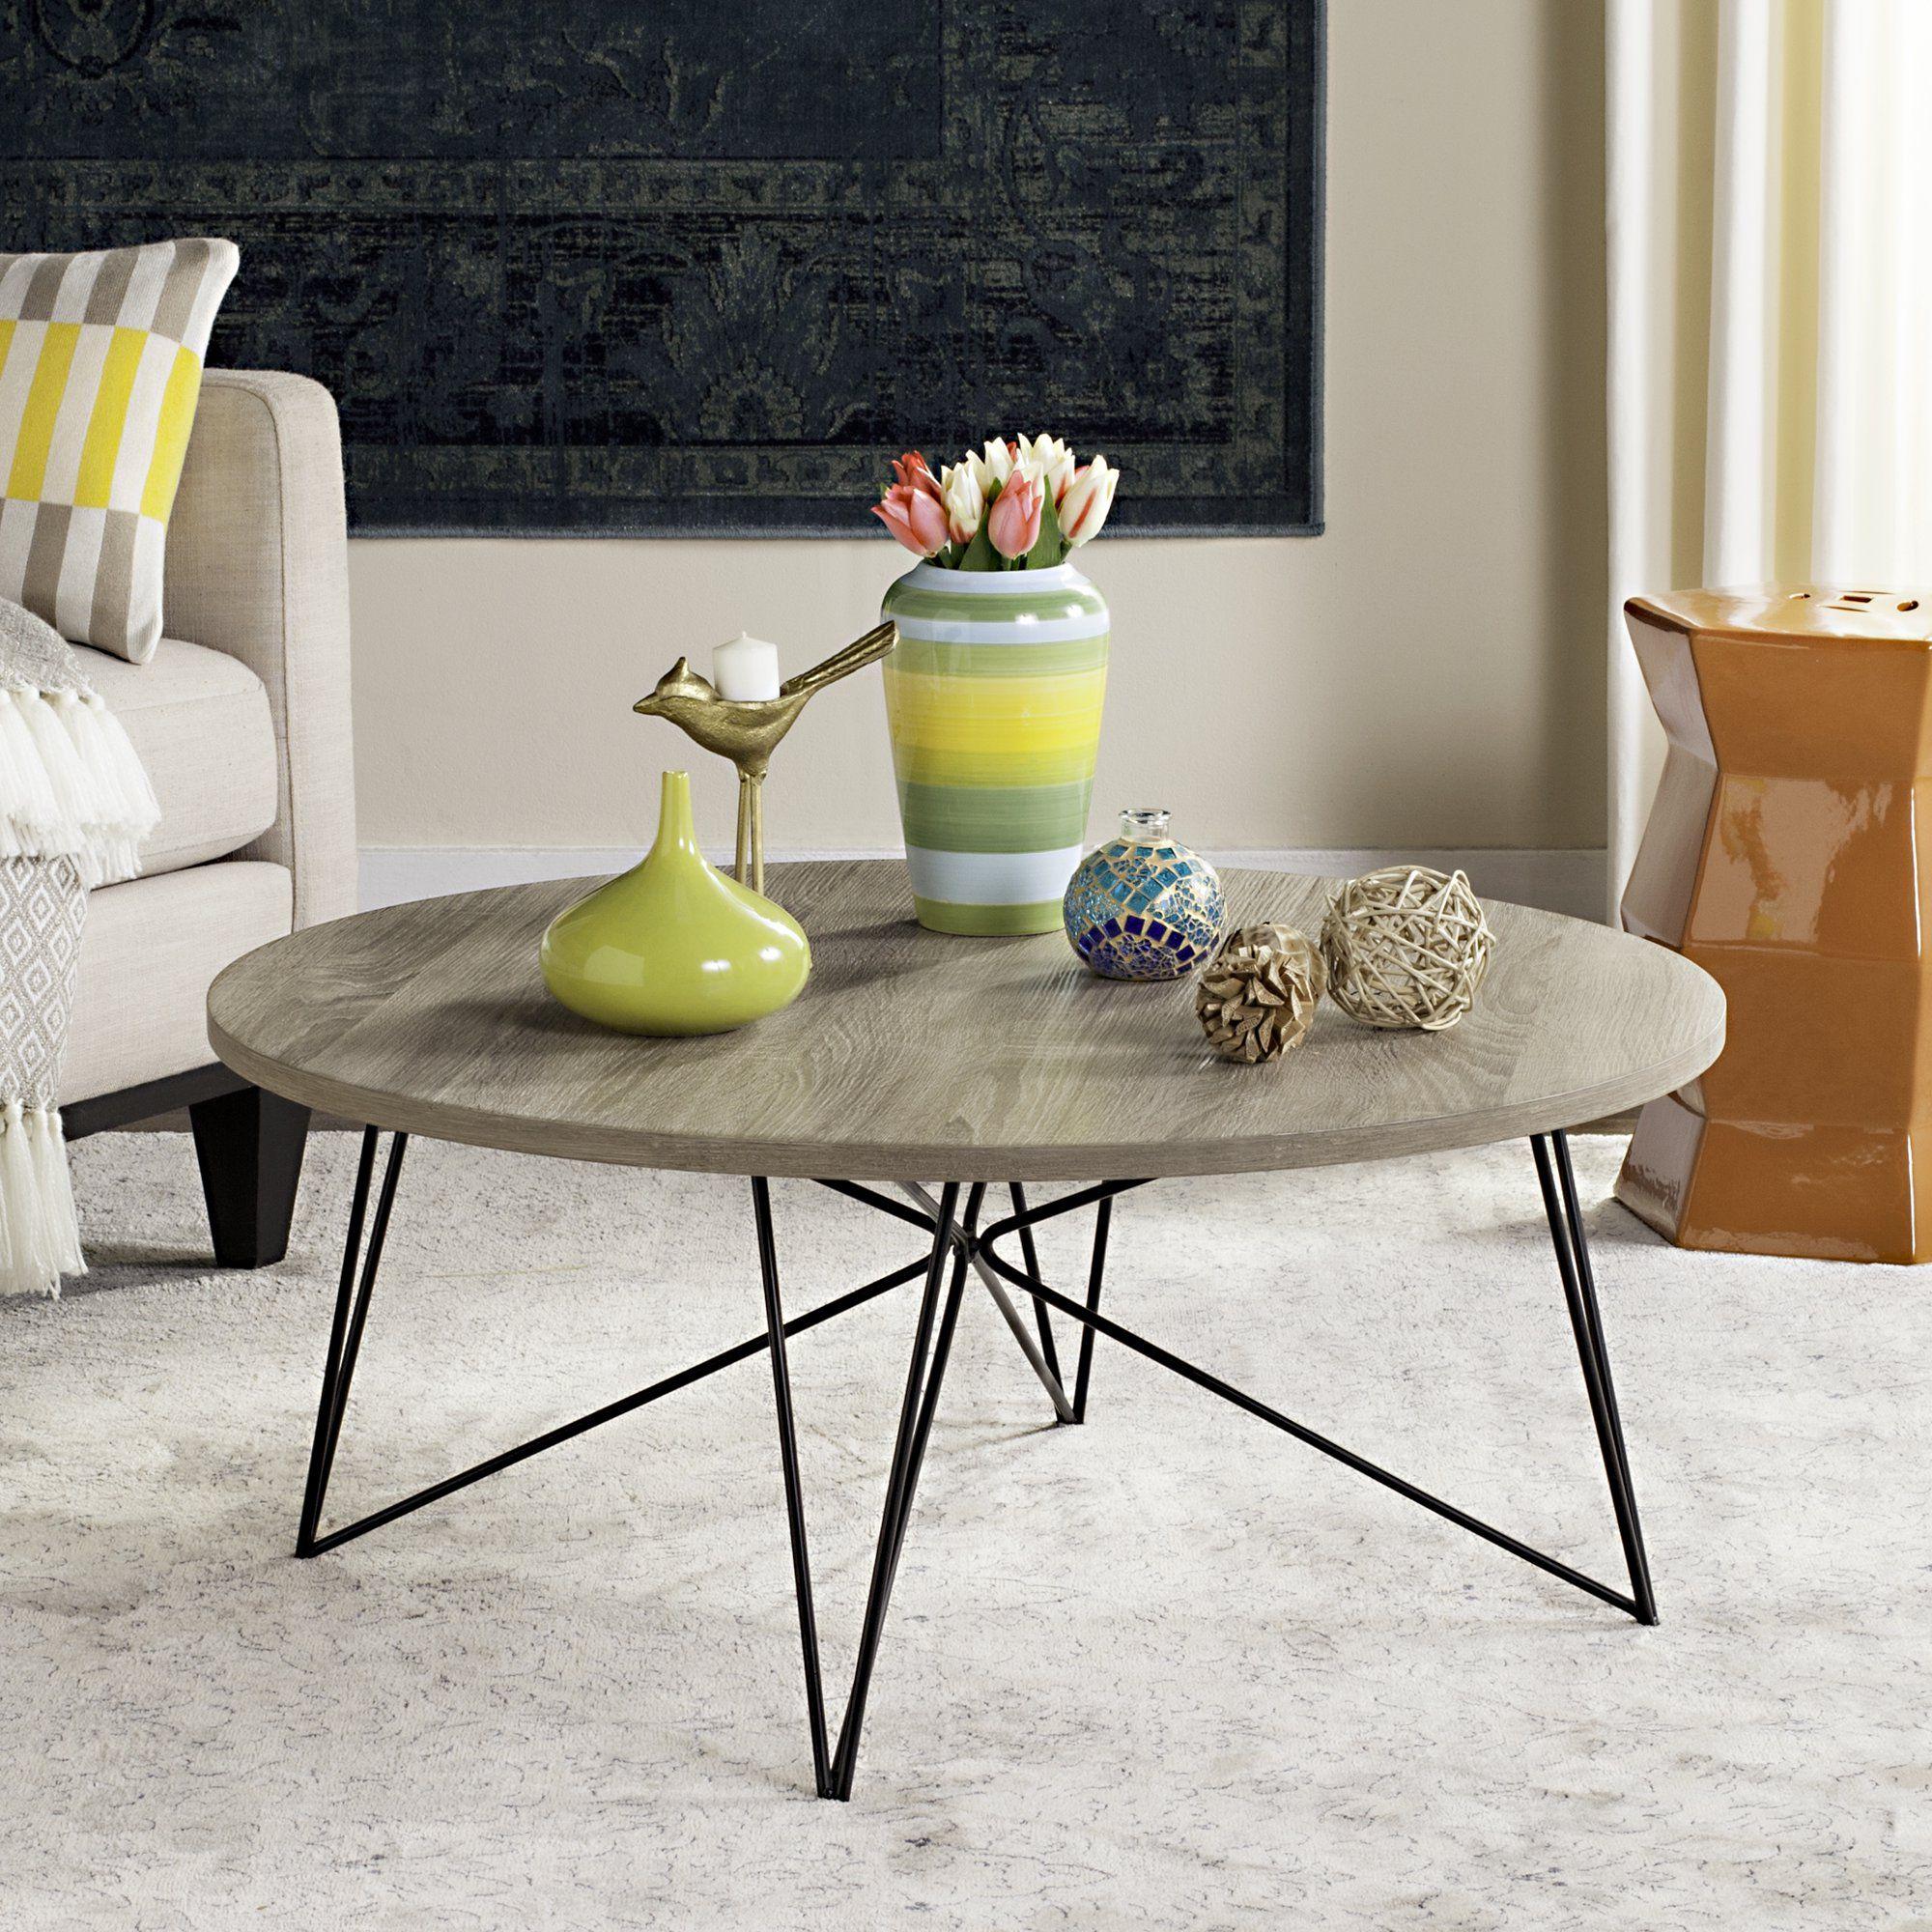 Safavieh Maris Retro Mid Century Round Coffee Table Walmart Com Mid Century Coffee Table Coffee Table Coffee Table Wood [ 2000 x 2000 Pixel ]